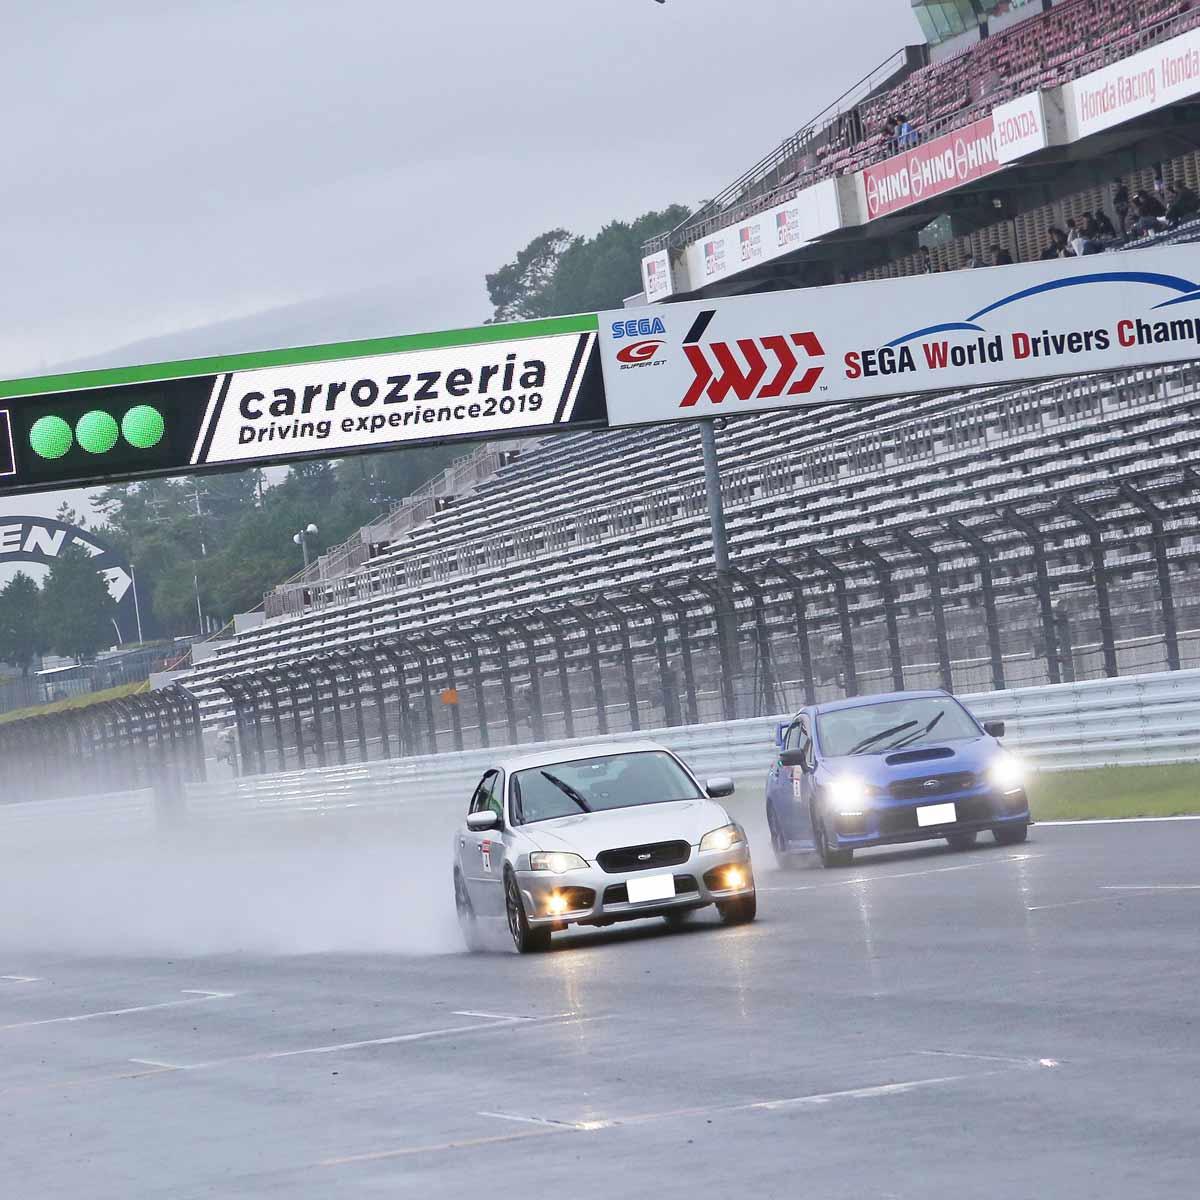 愛車で富士スピードウェイを走れる!「カロッツェリア ドライビングエクスペリエンス」開催